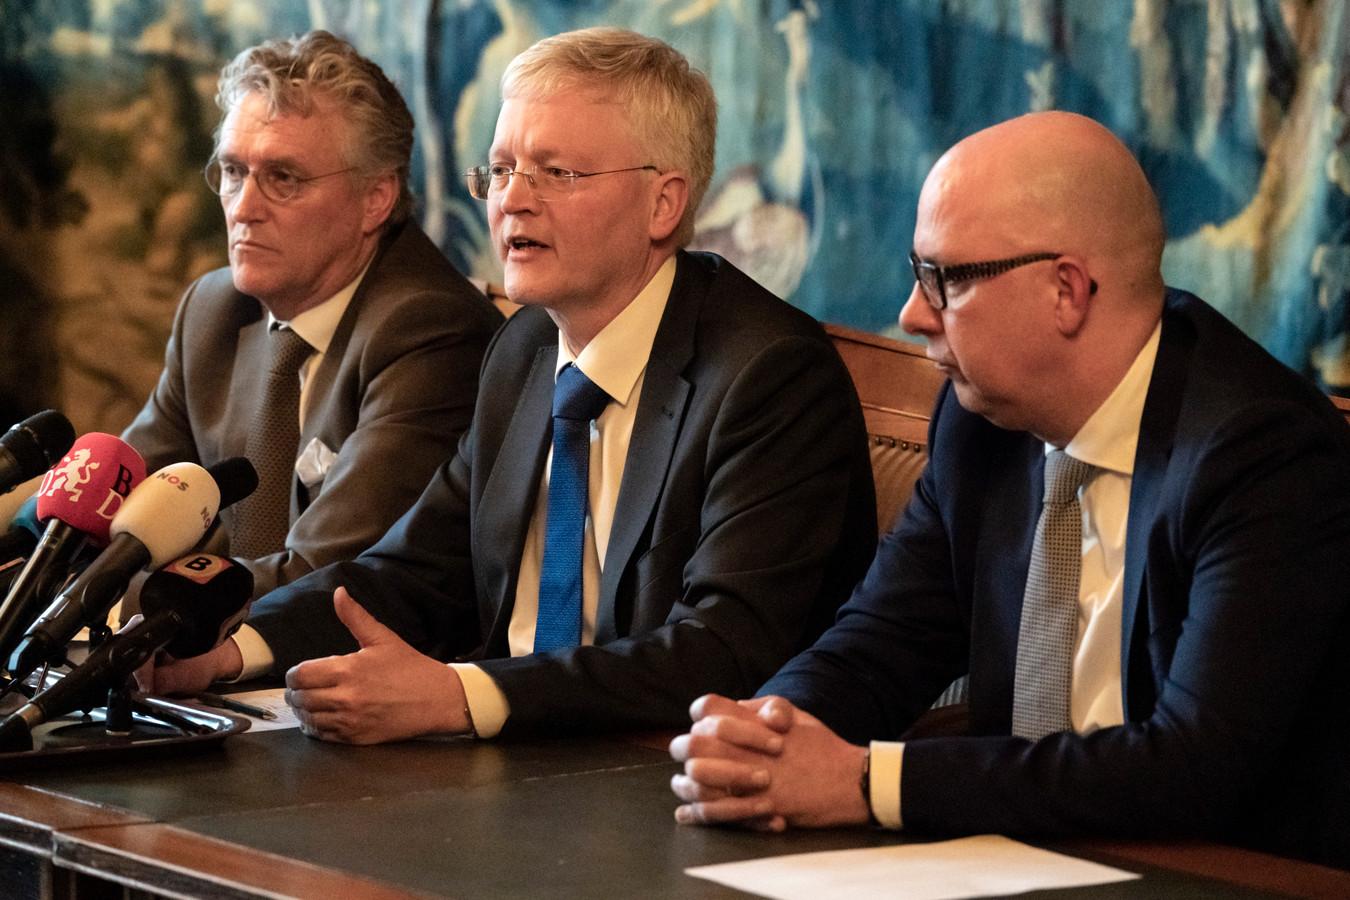 De drie voorzitters van de Brabantse veiligheidsregio's, bijeen op de persconferentie van 10 maart.  Van links naar rechts John Jorritsma (burgemeester Eindhoven), Theo Weterings (burgemeester Tilburg) en Jack Mikkers (burgemeester Den Bosch).